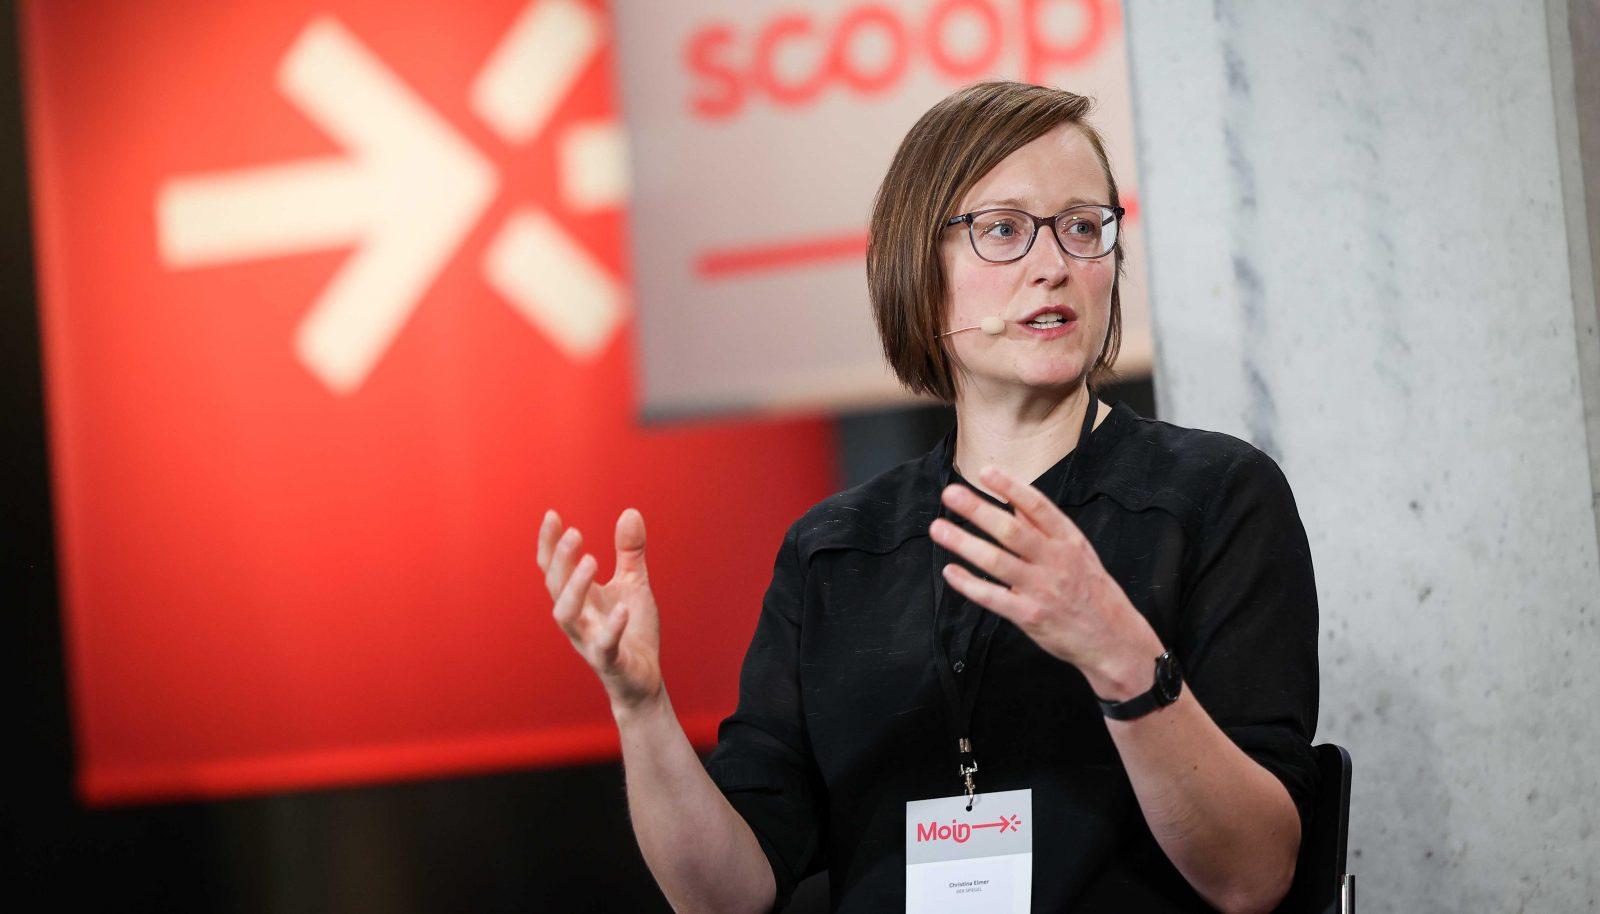 Christina Elmer und Kolleginnen gaben spannende Einblicke in den Maschinenraum von digitalter Transformation.